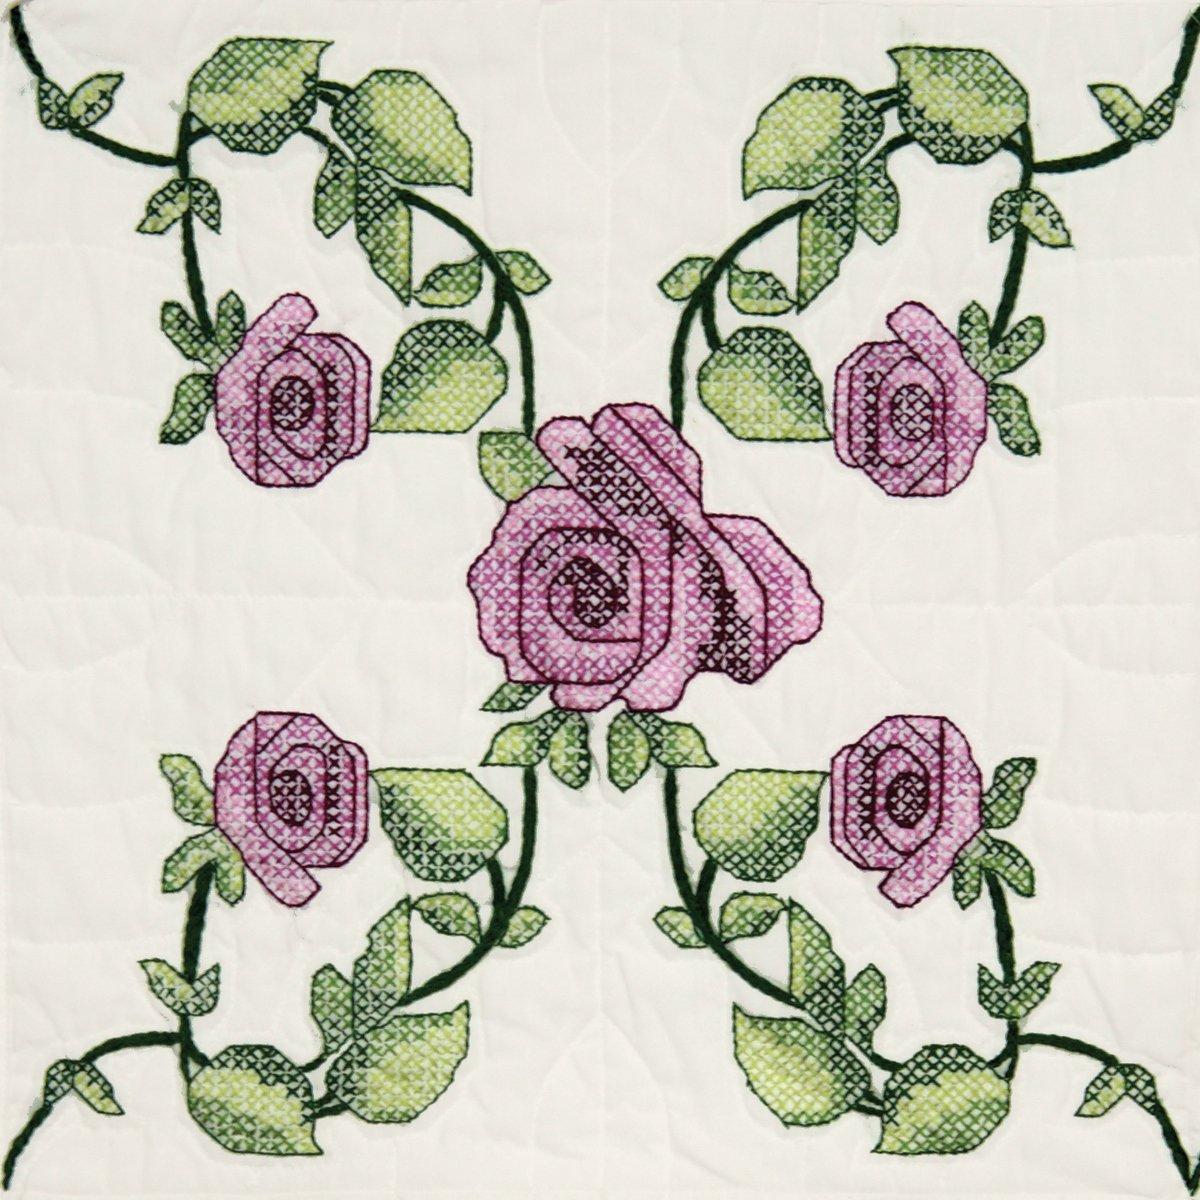 Fairway 95605 Quilt Blocks, Rose Vine Design, White, 6 Blocks Per Set